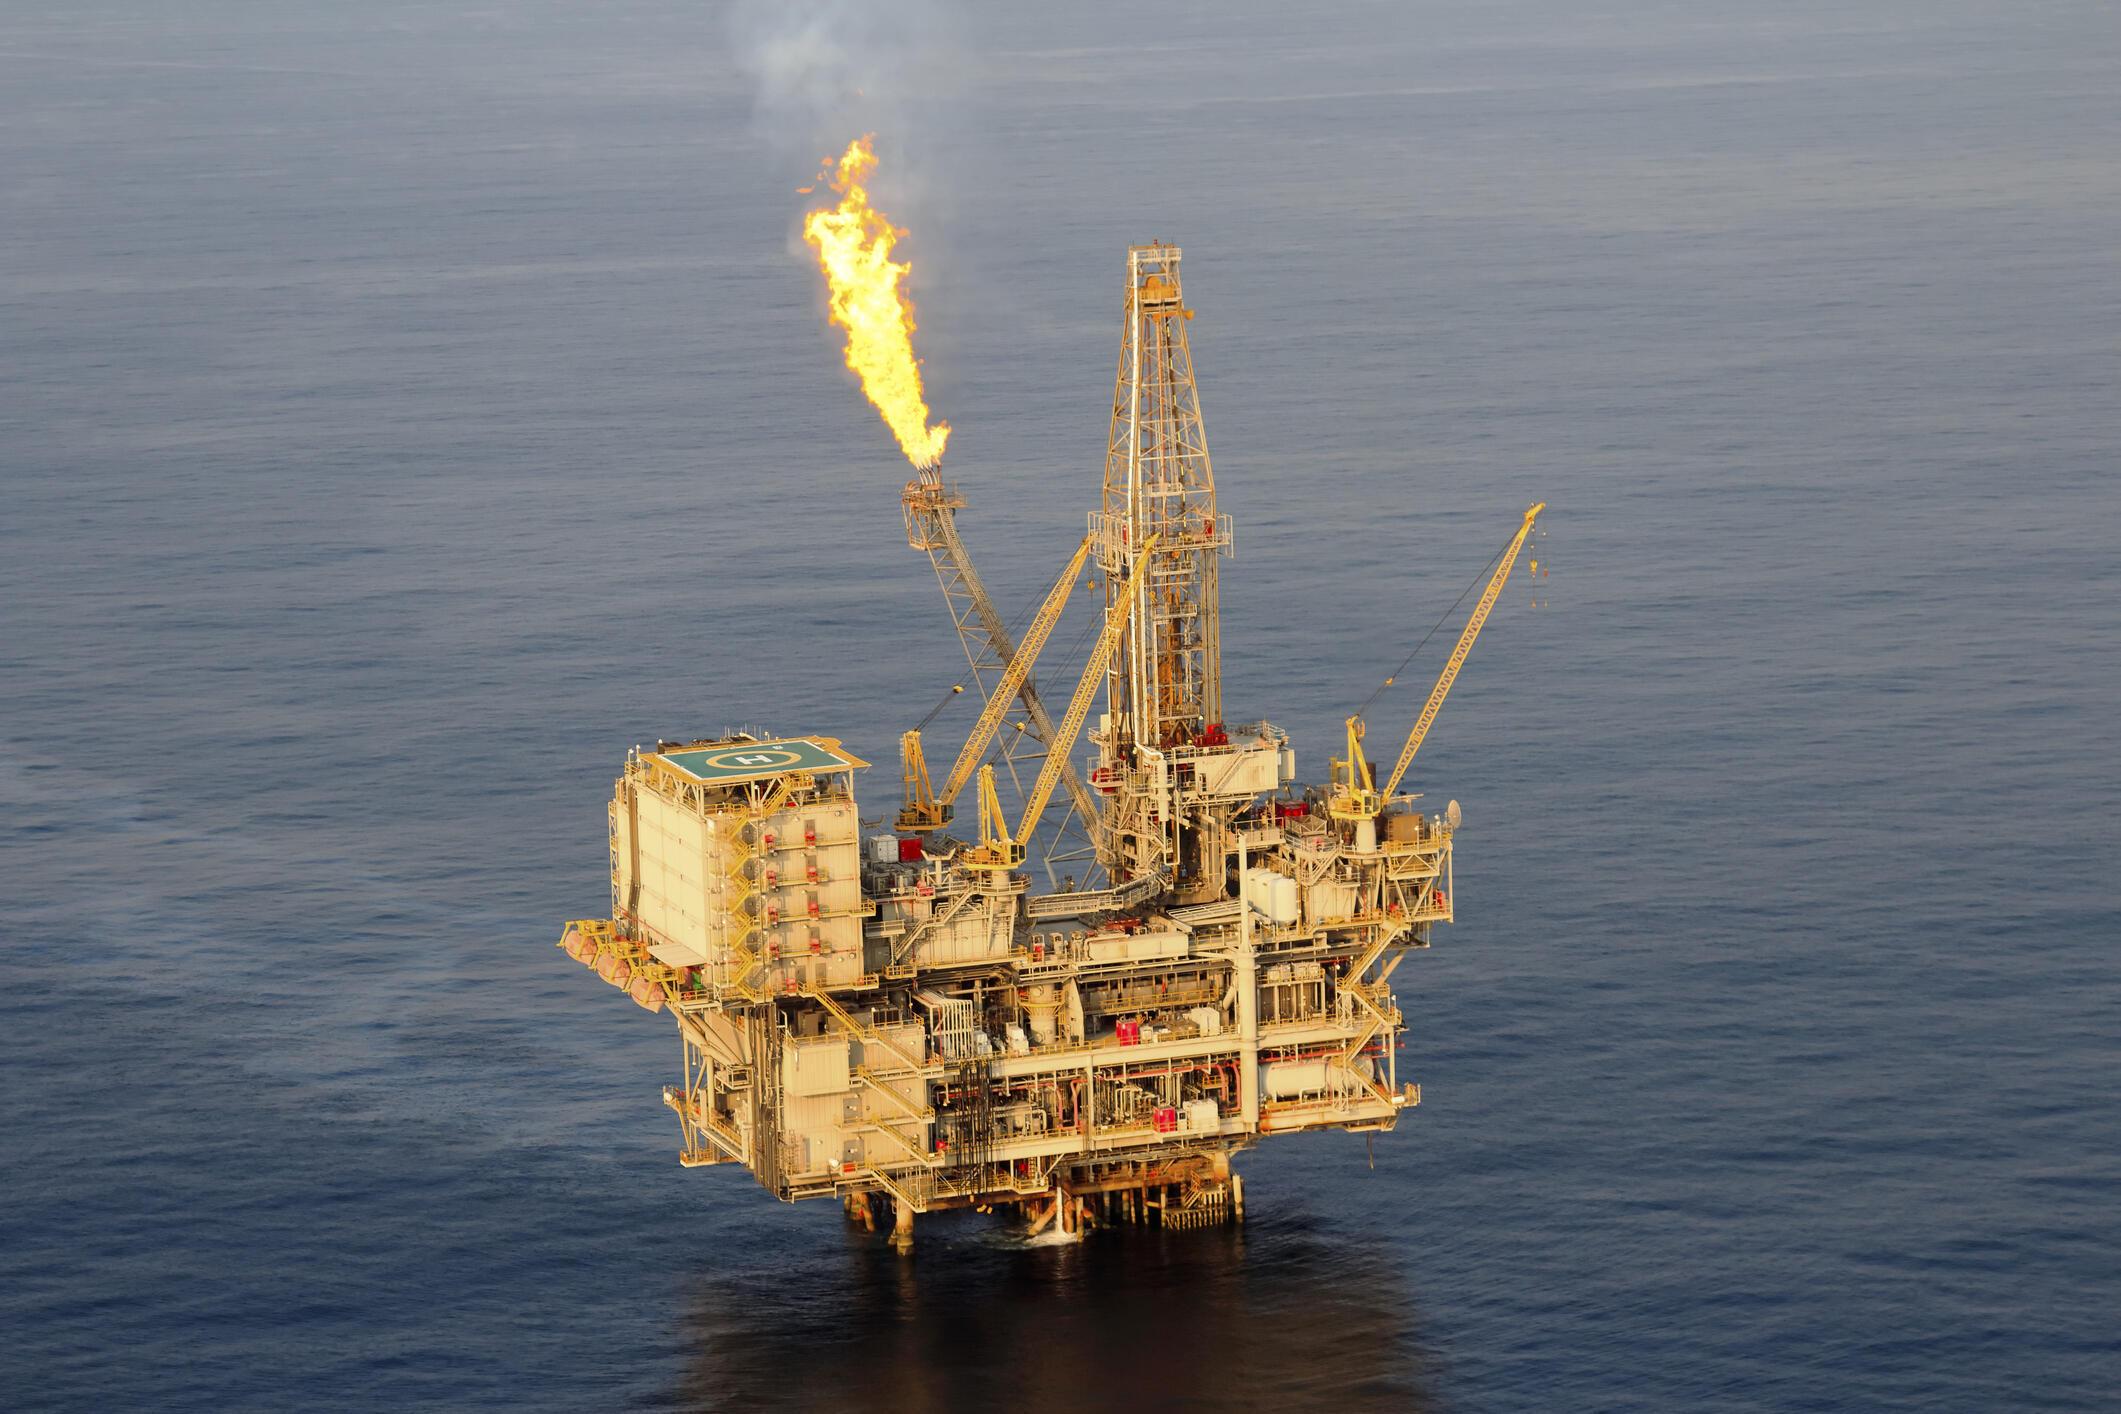 Une plateforme offshore d'exploitation de pétrole.